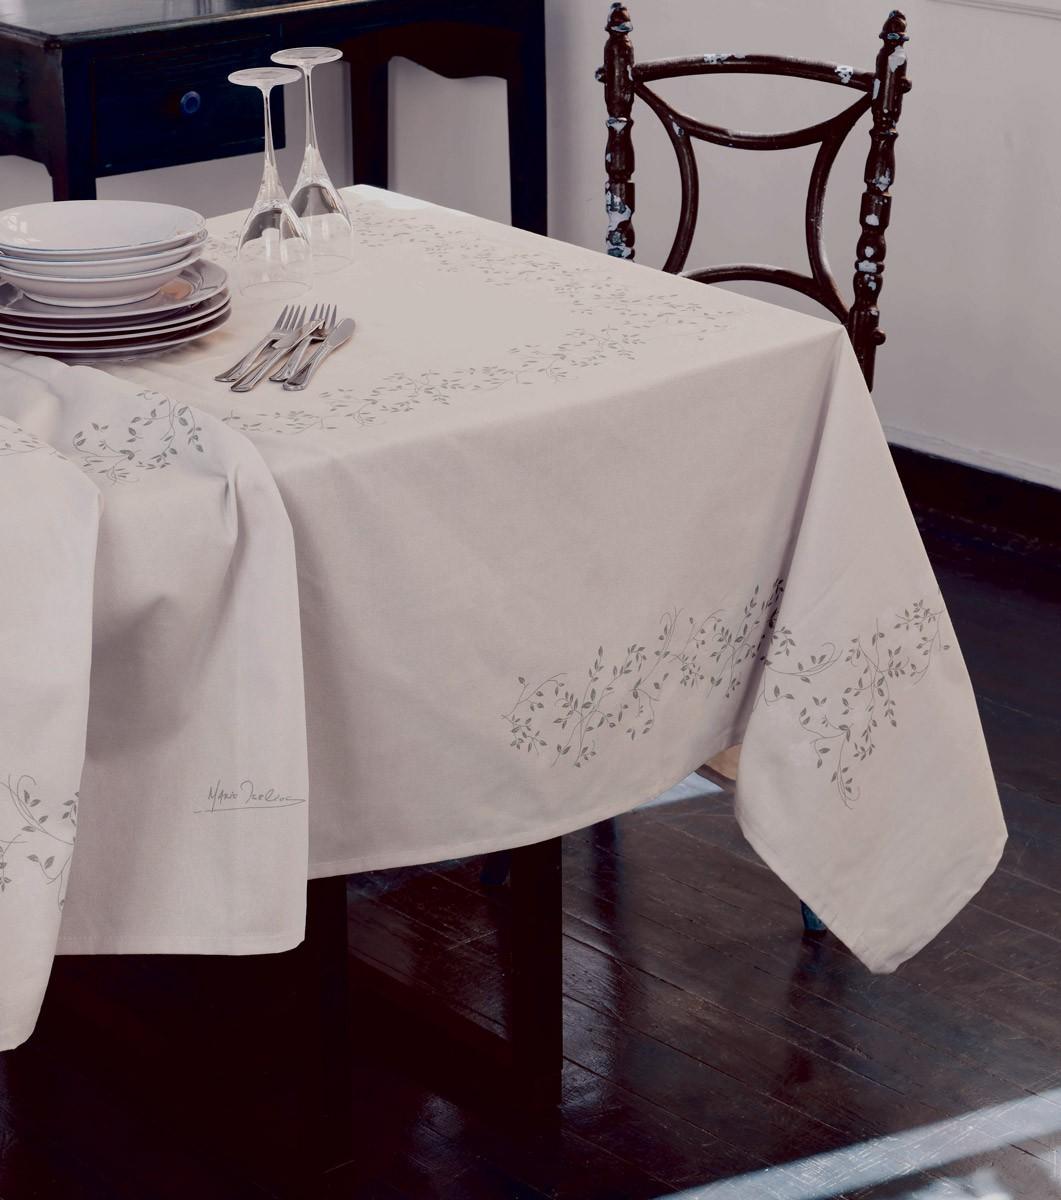 Τραπεζομάντηλο (140x180) Makis Tselios Dinner